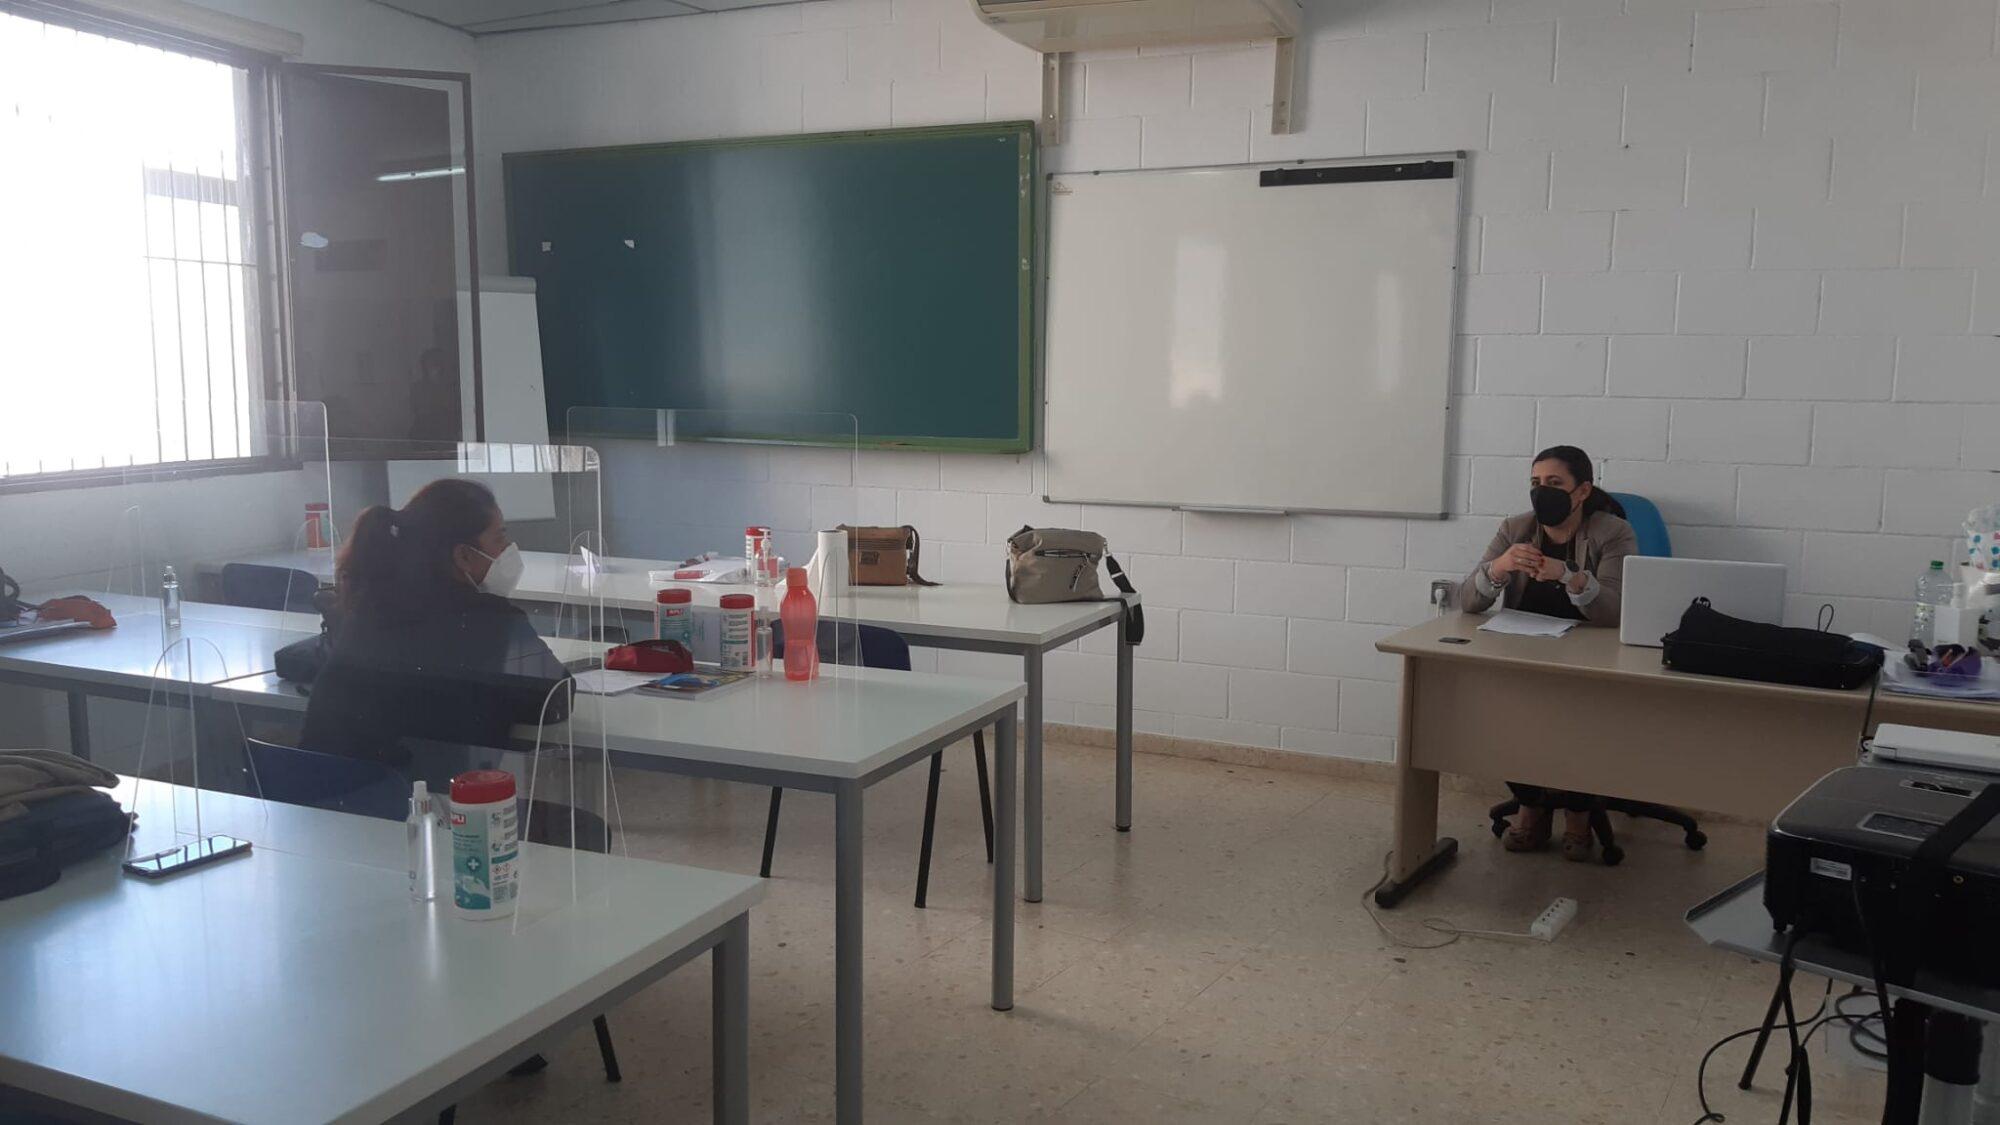 Conferencia de Raquel Gómez, de MG Servicios, a las alumnas del curso Atención Sociosanitaria a Personas Dependientes